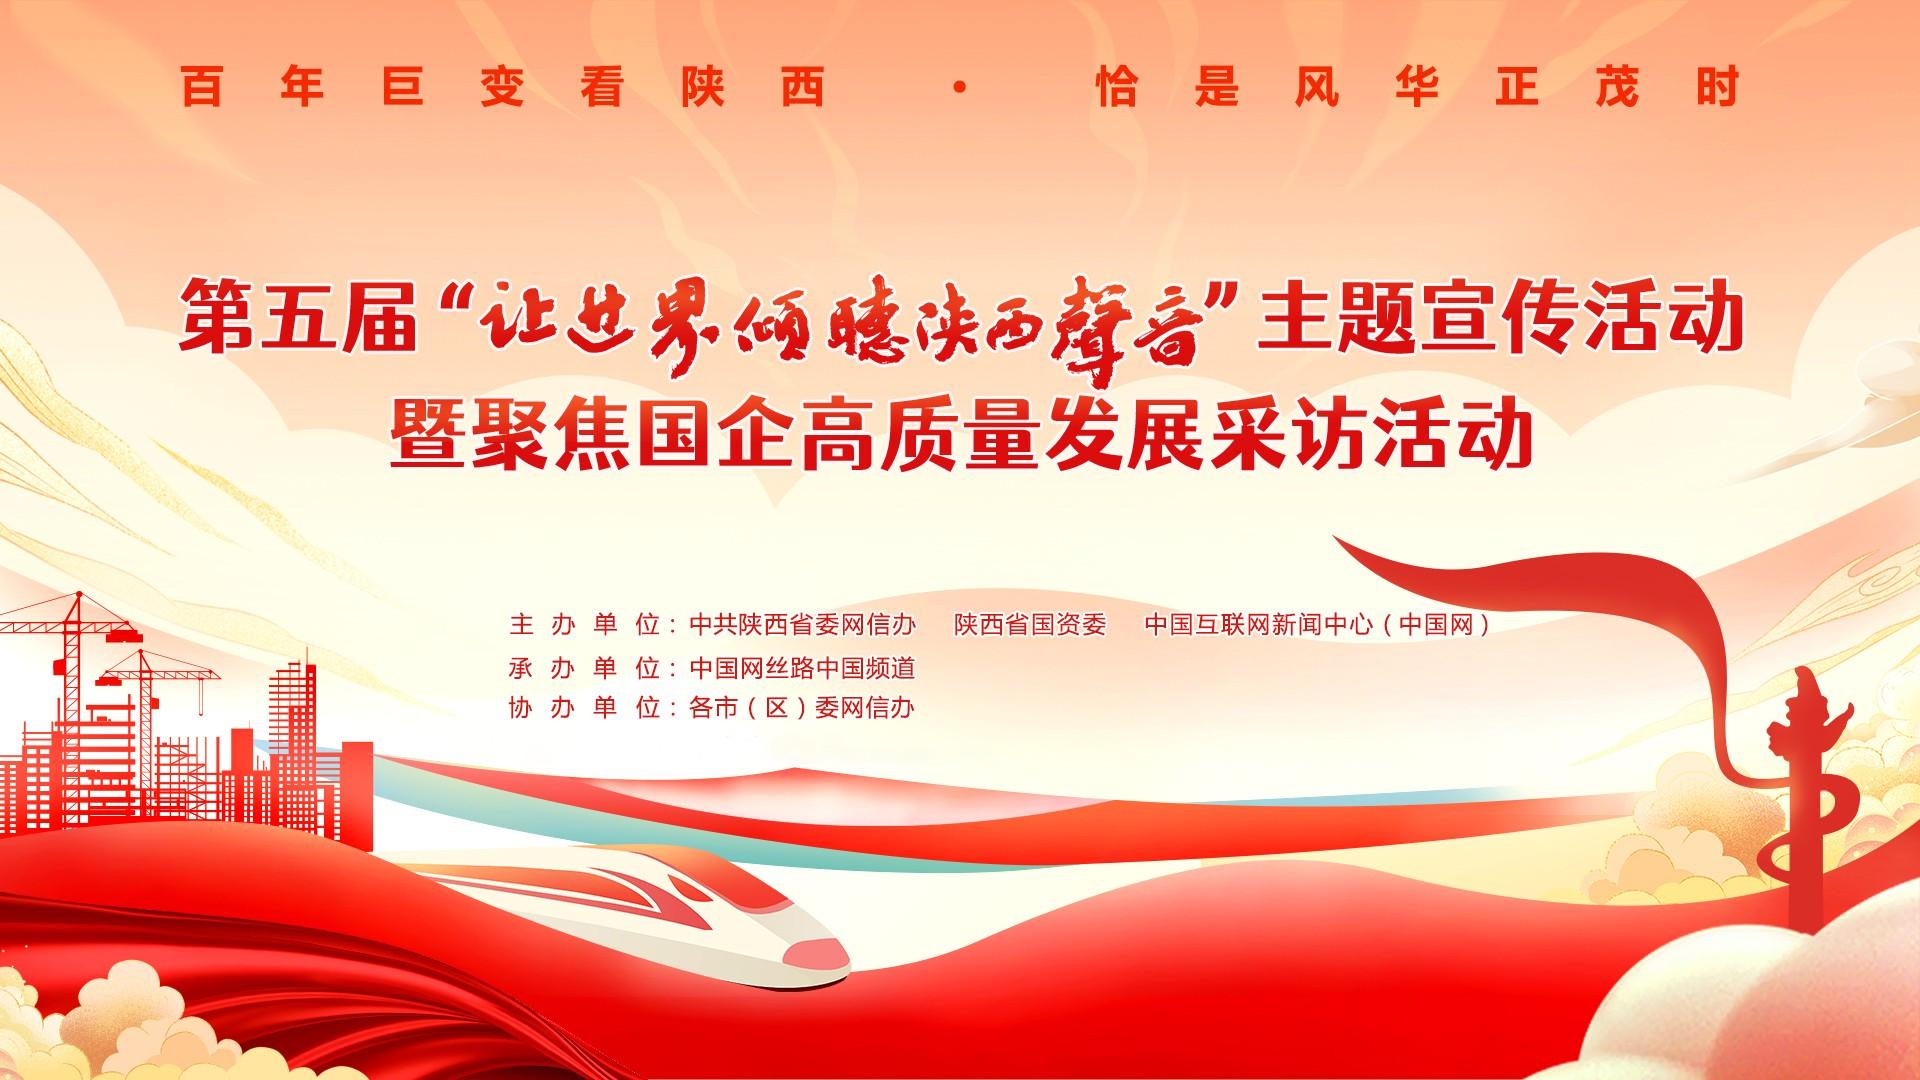 """第五届""""让世界倾听陕西声音""""主题宣传活动采访团走进高新地产"""